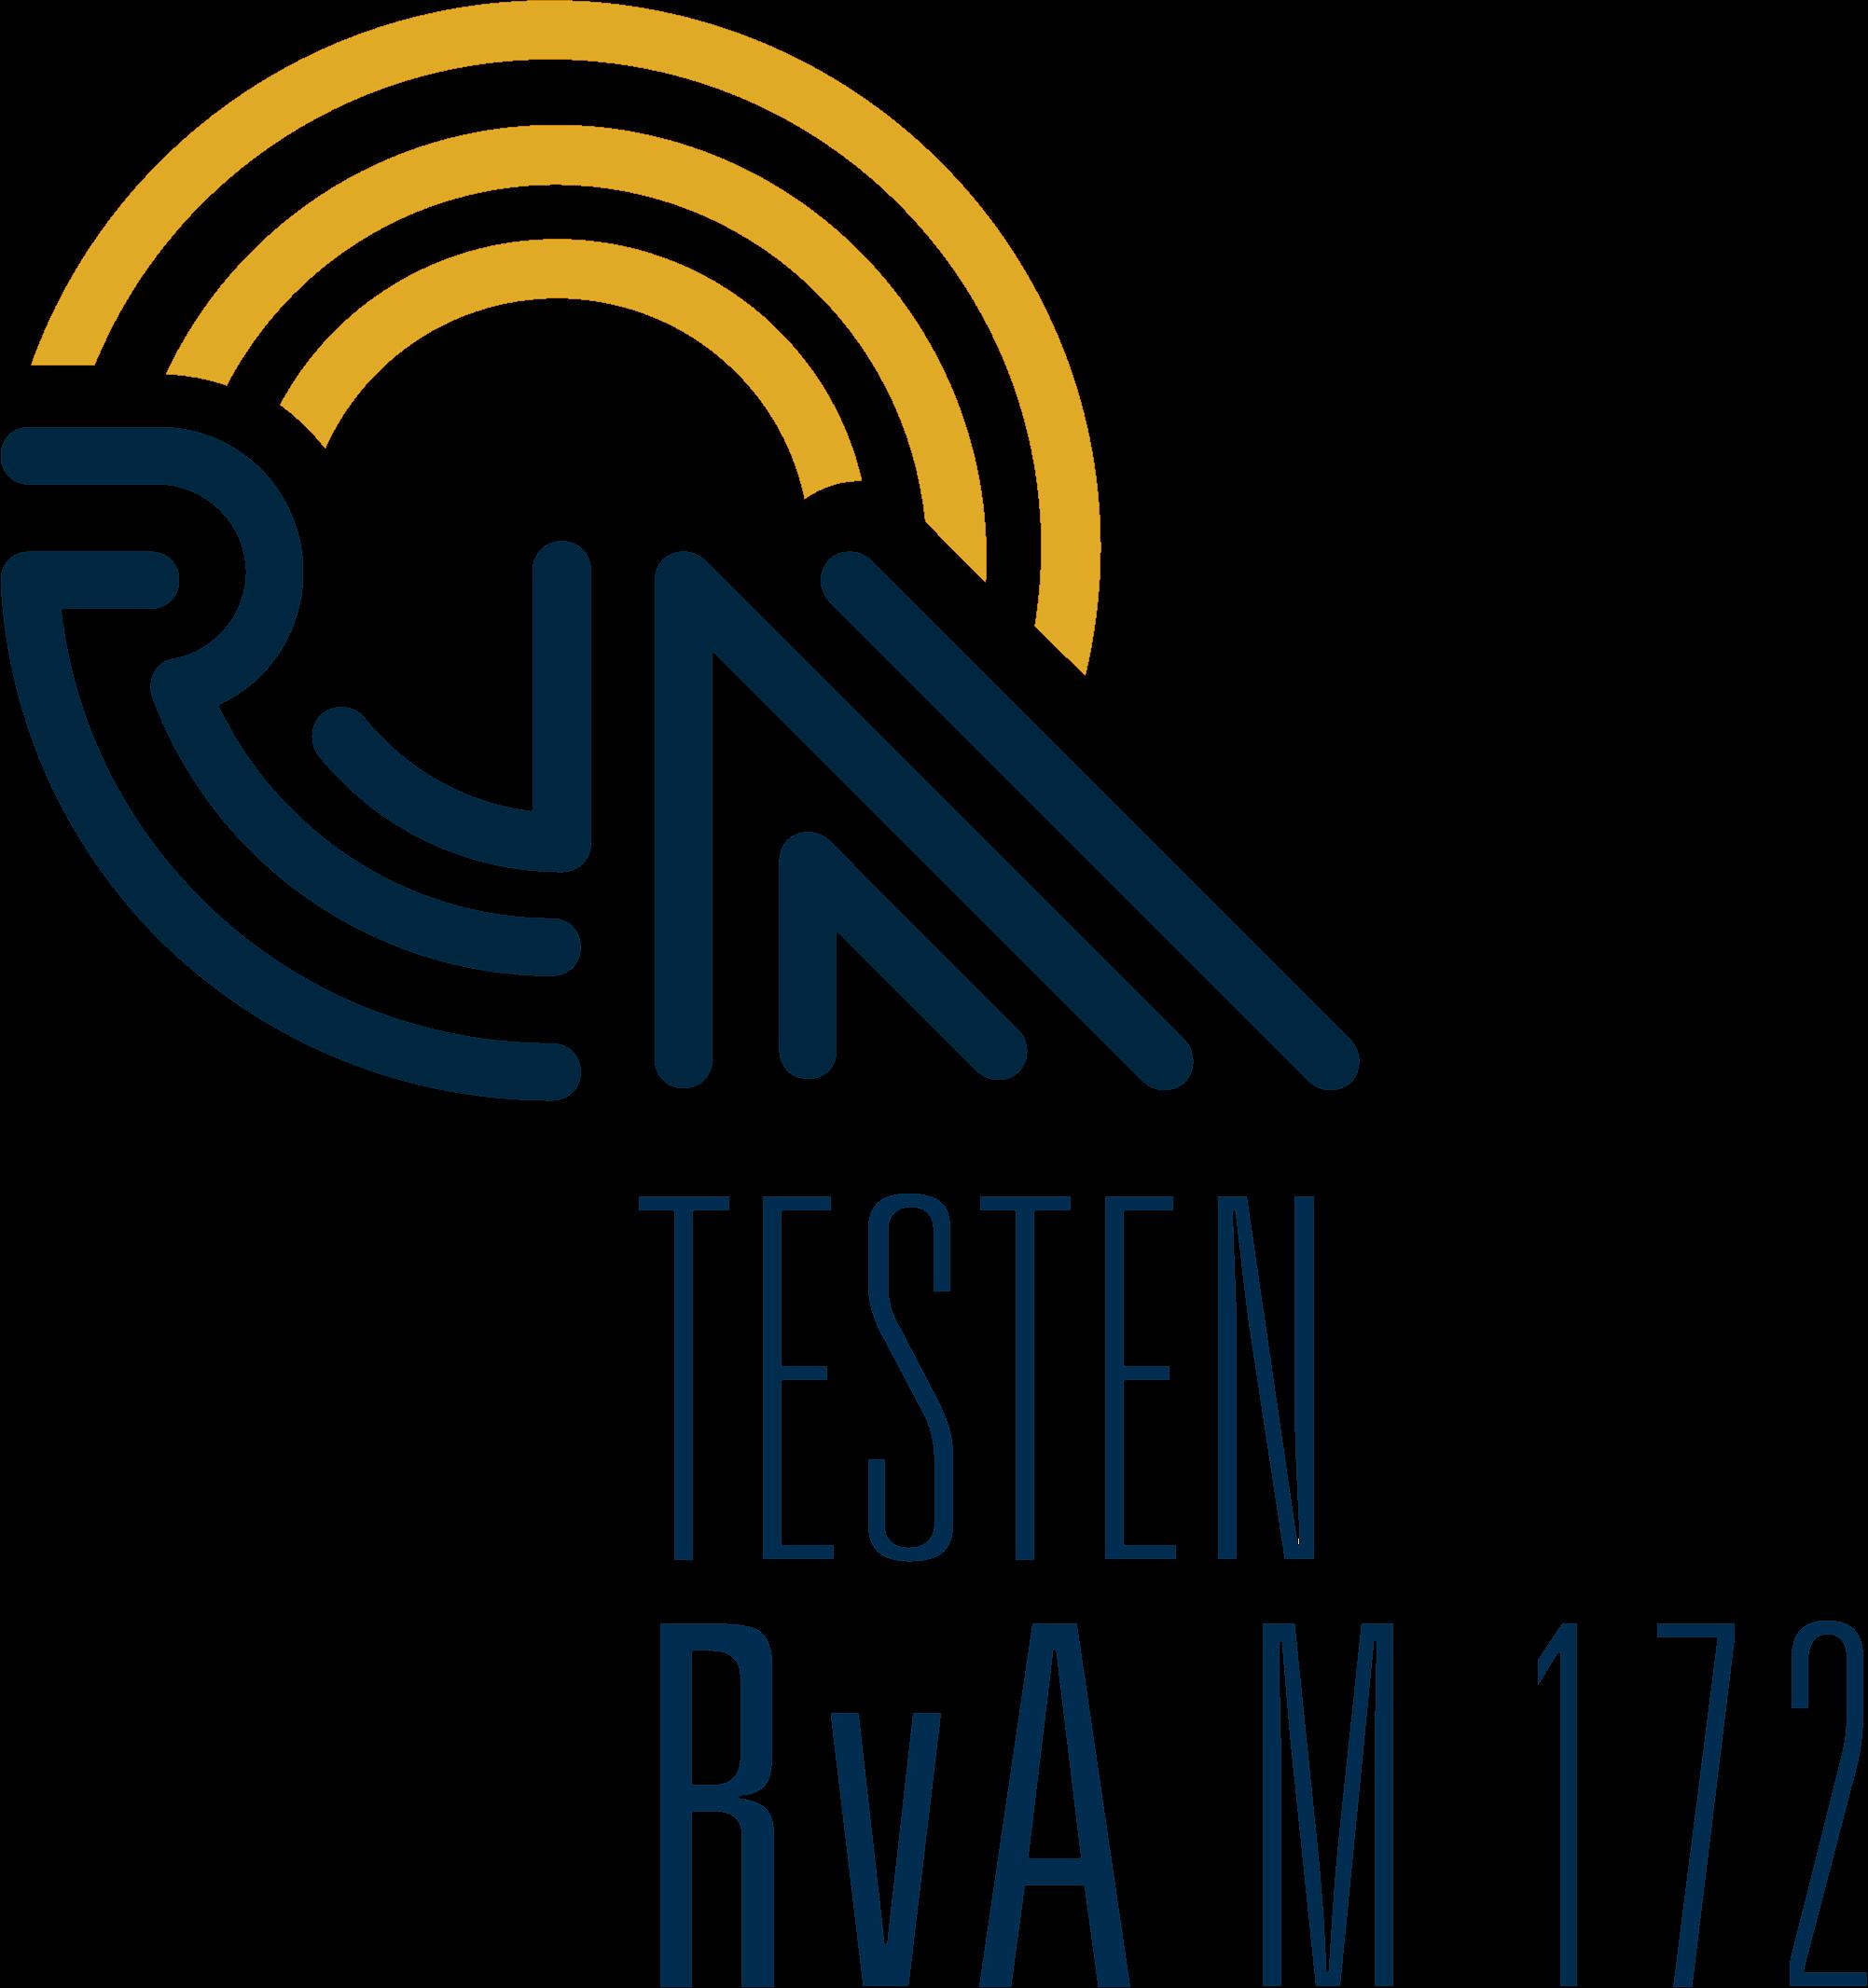 RvA M 172 versie 2